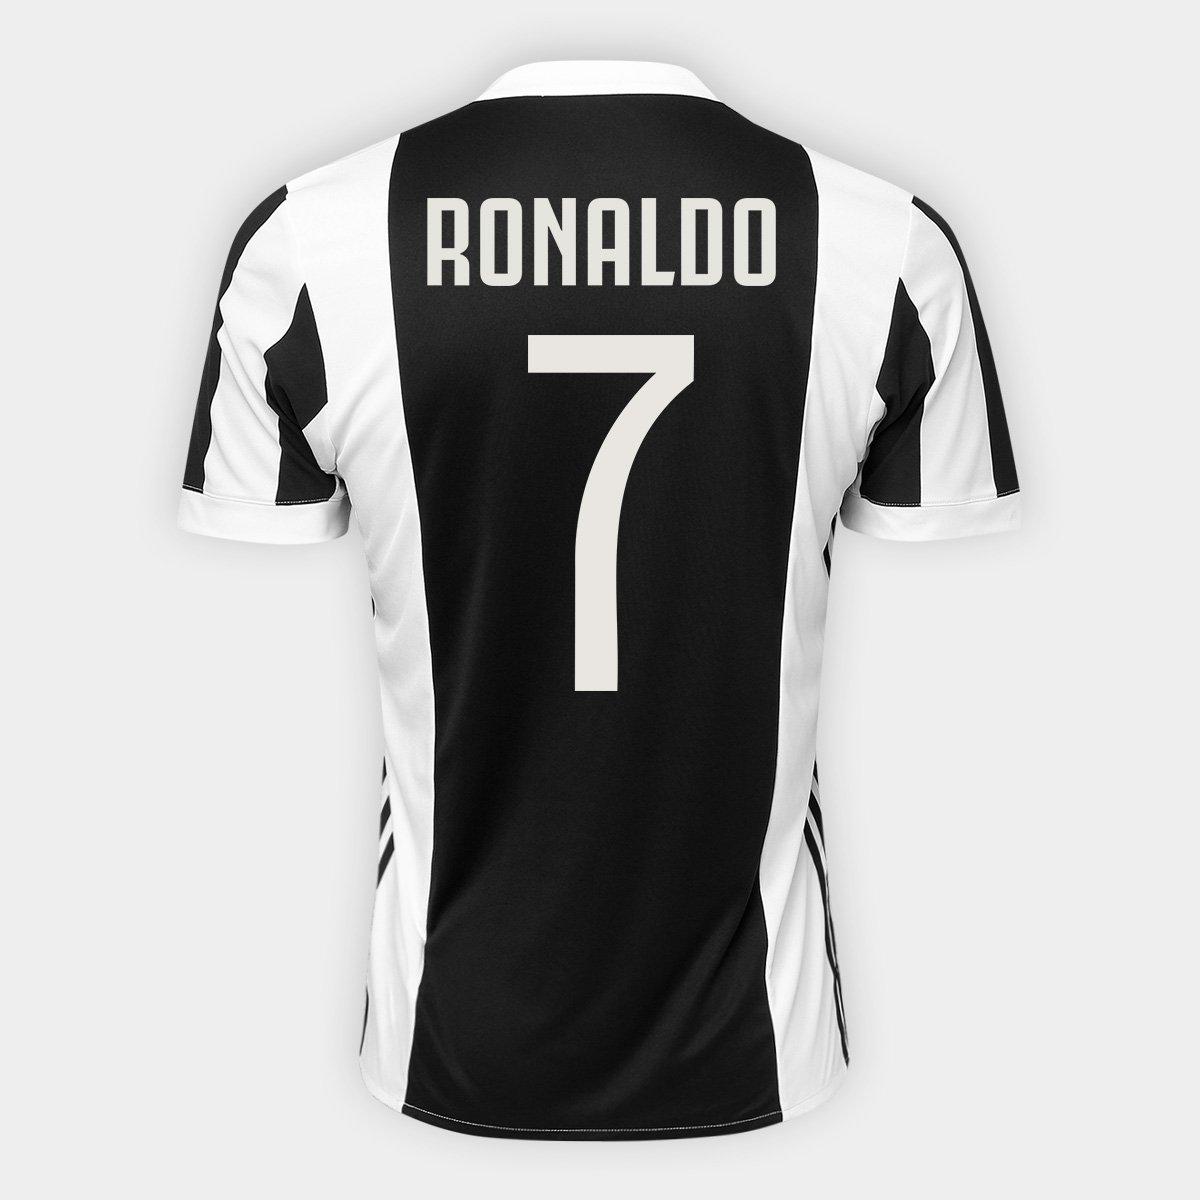 6359324e84d2a Camisa Juventus Home 17 18 nº 7 Ronaldo - Torcedor Adidas Masculina -  Compre Agora